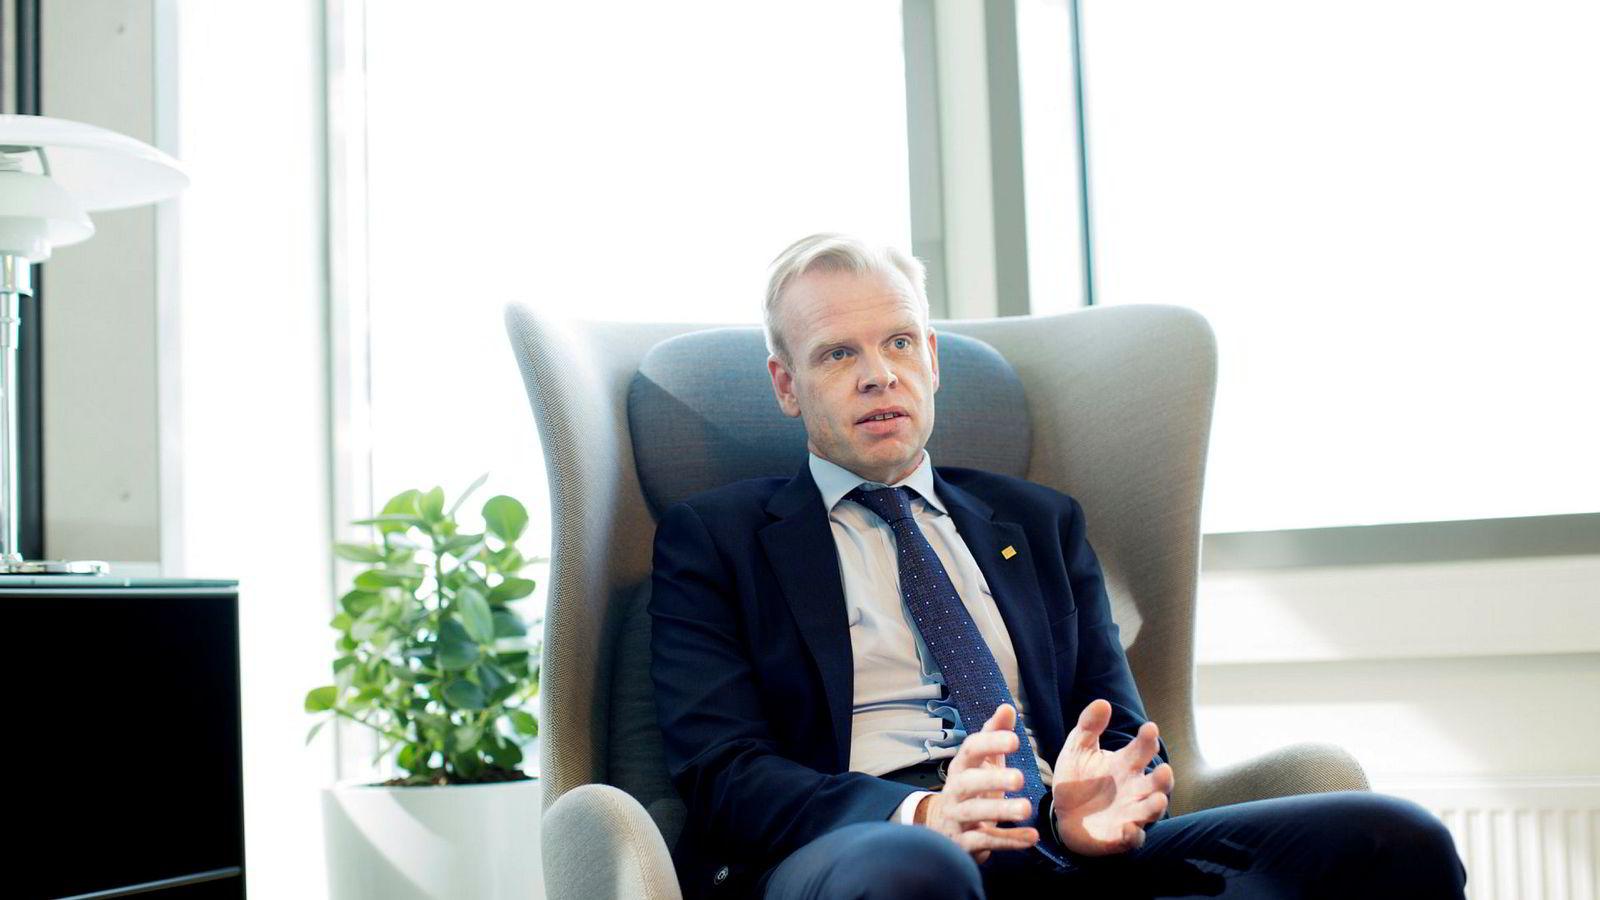 – Jeg er glad for å kunne annonsere dette oppkjøpet, sier konsernsjef Svein Tore Holsether i Yara.